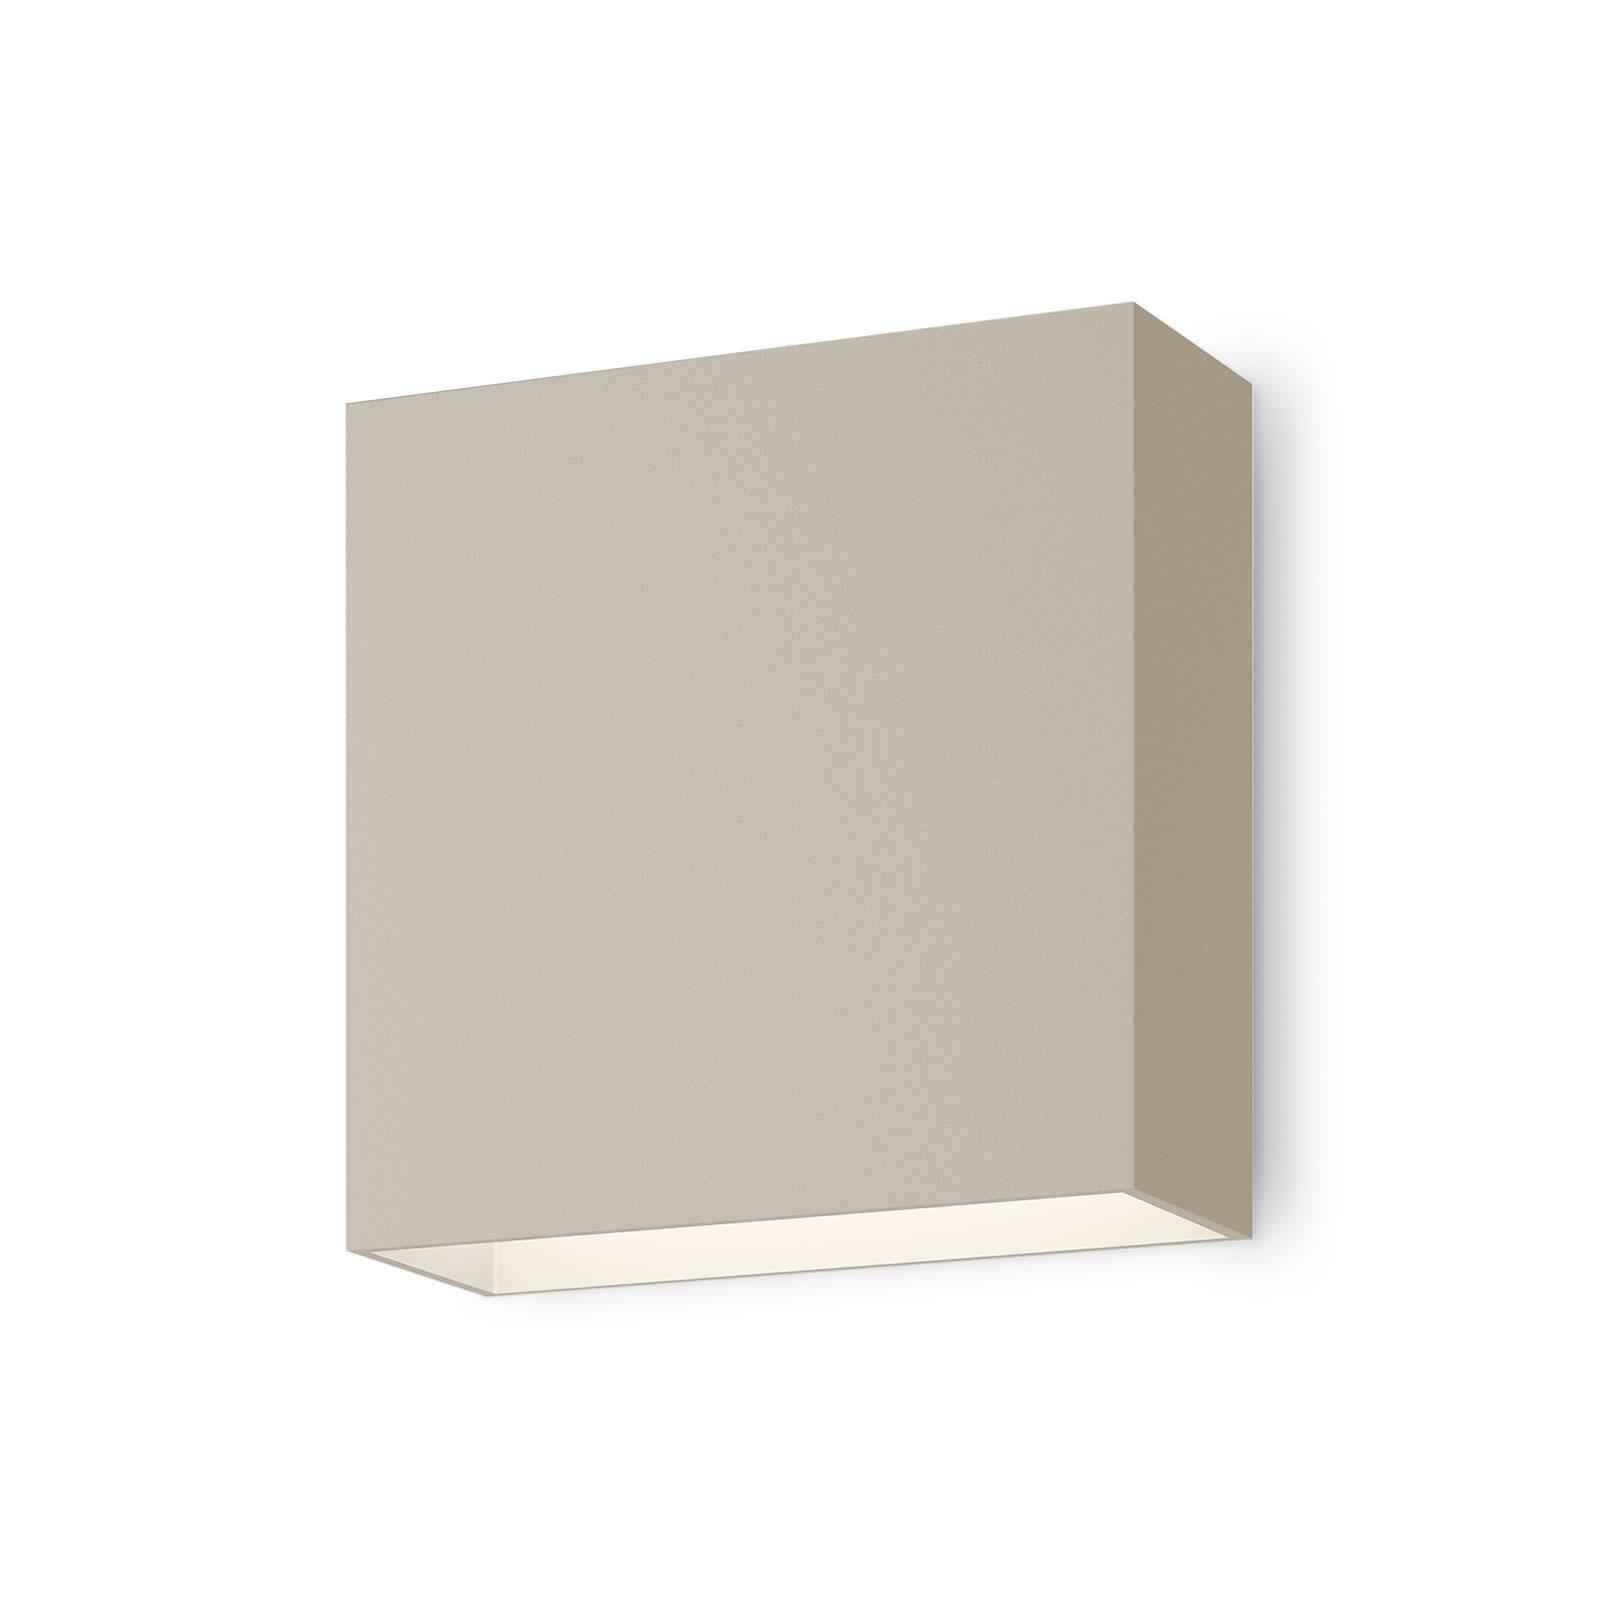 Vibia Structural 2600 applique LED grigio chiaro